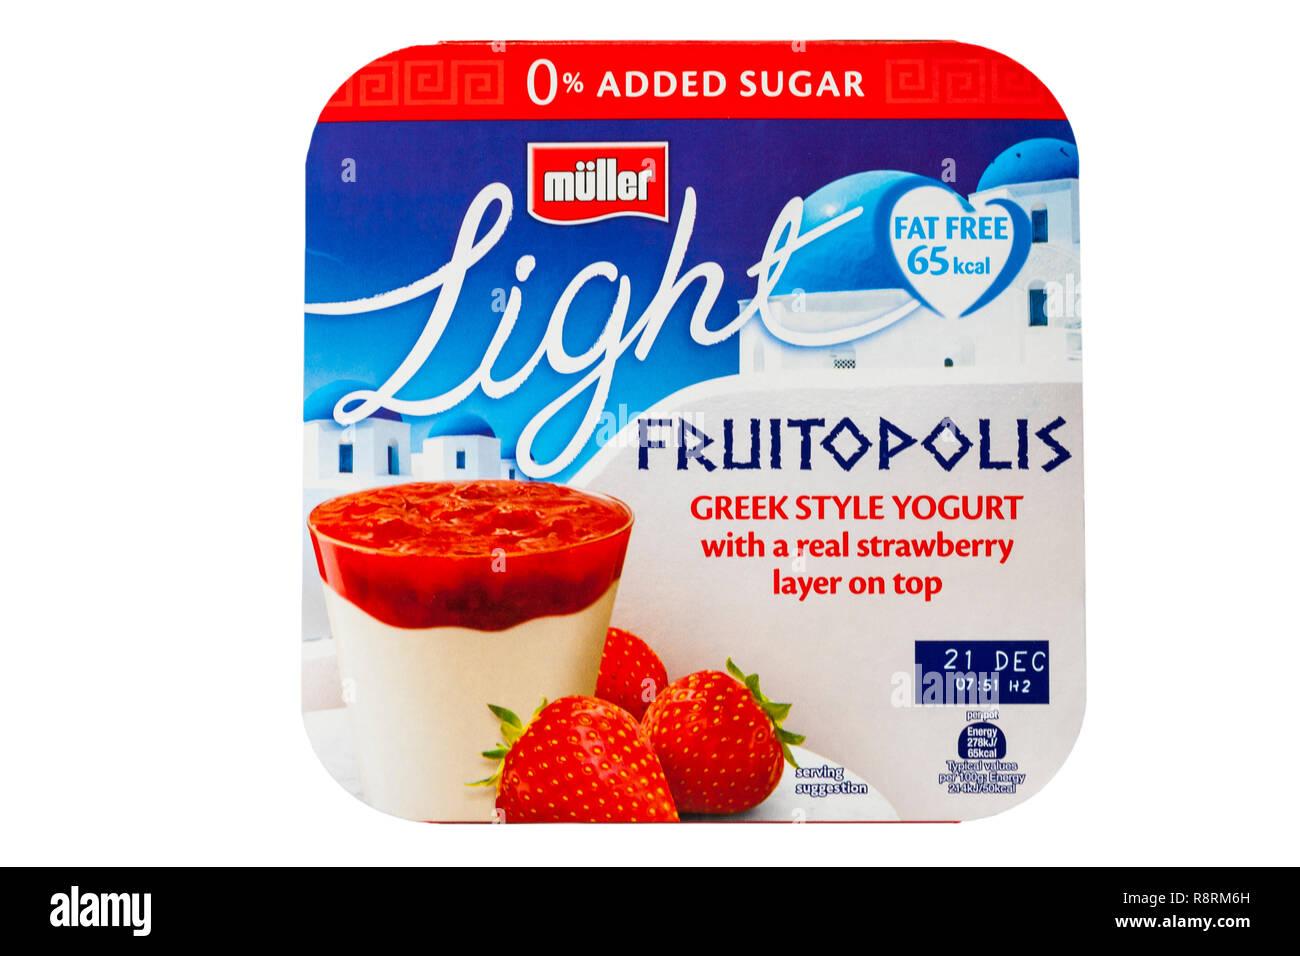 Pack Di Muller Fruitopolis Luce In Stile Greco Di Yogurt Con Un Vero